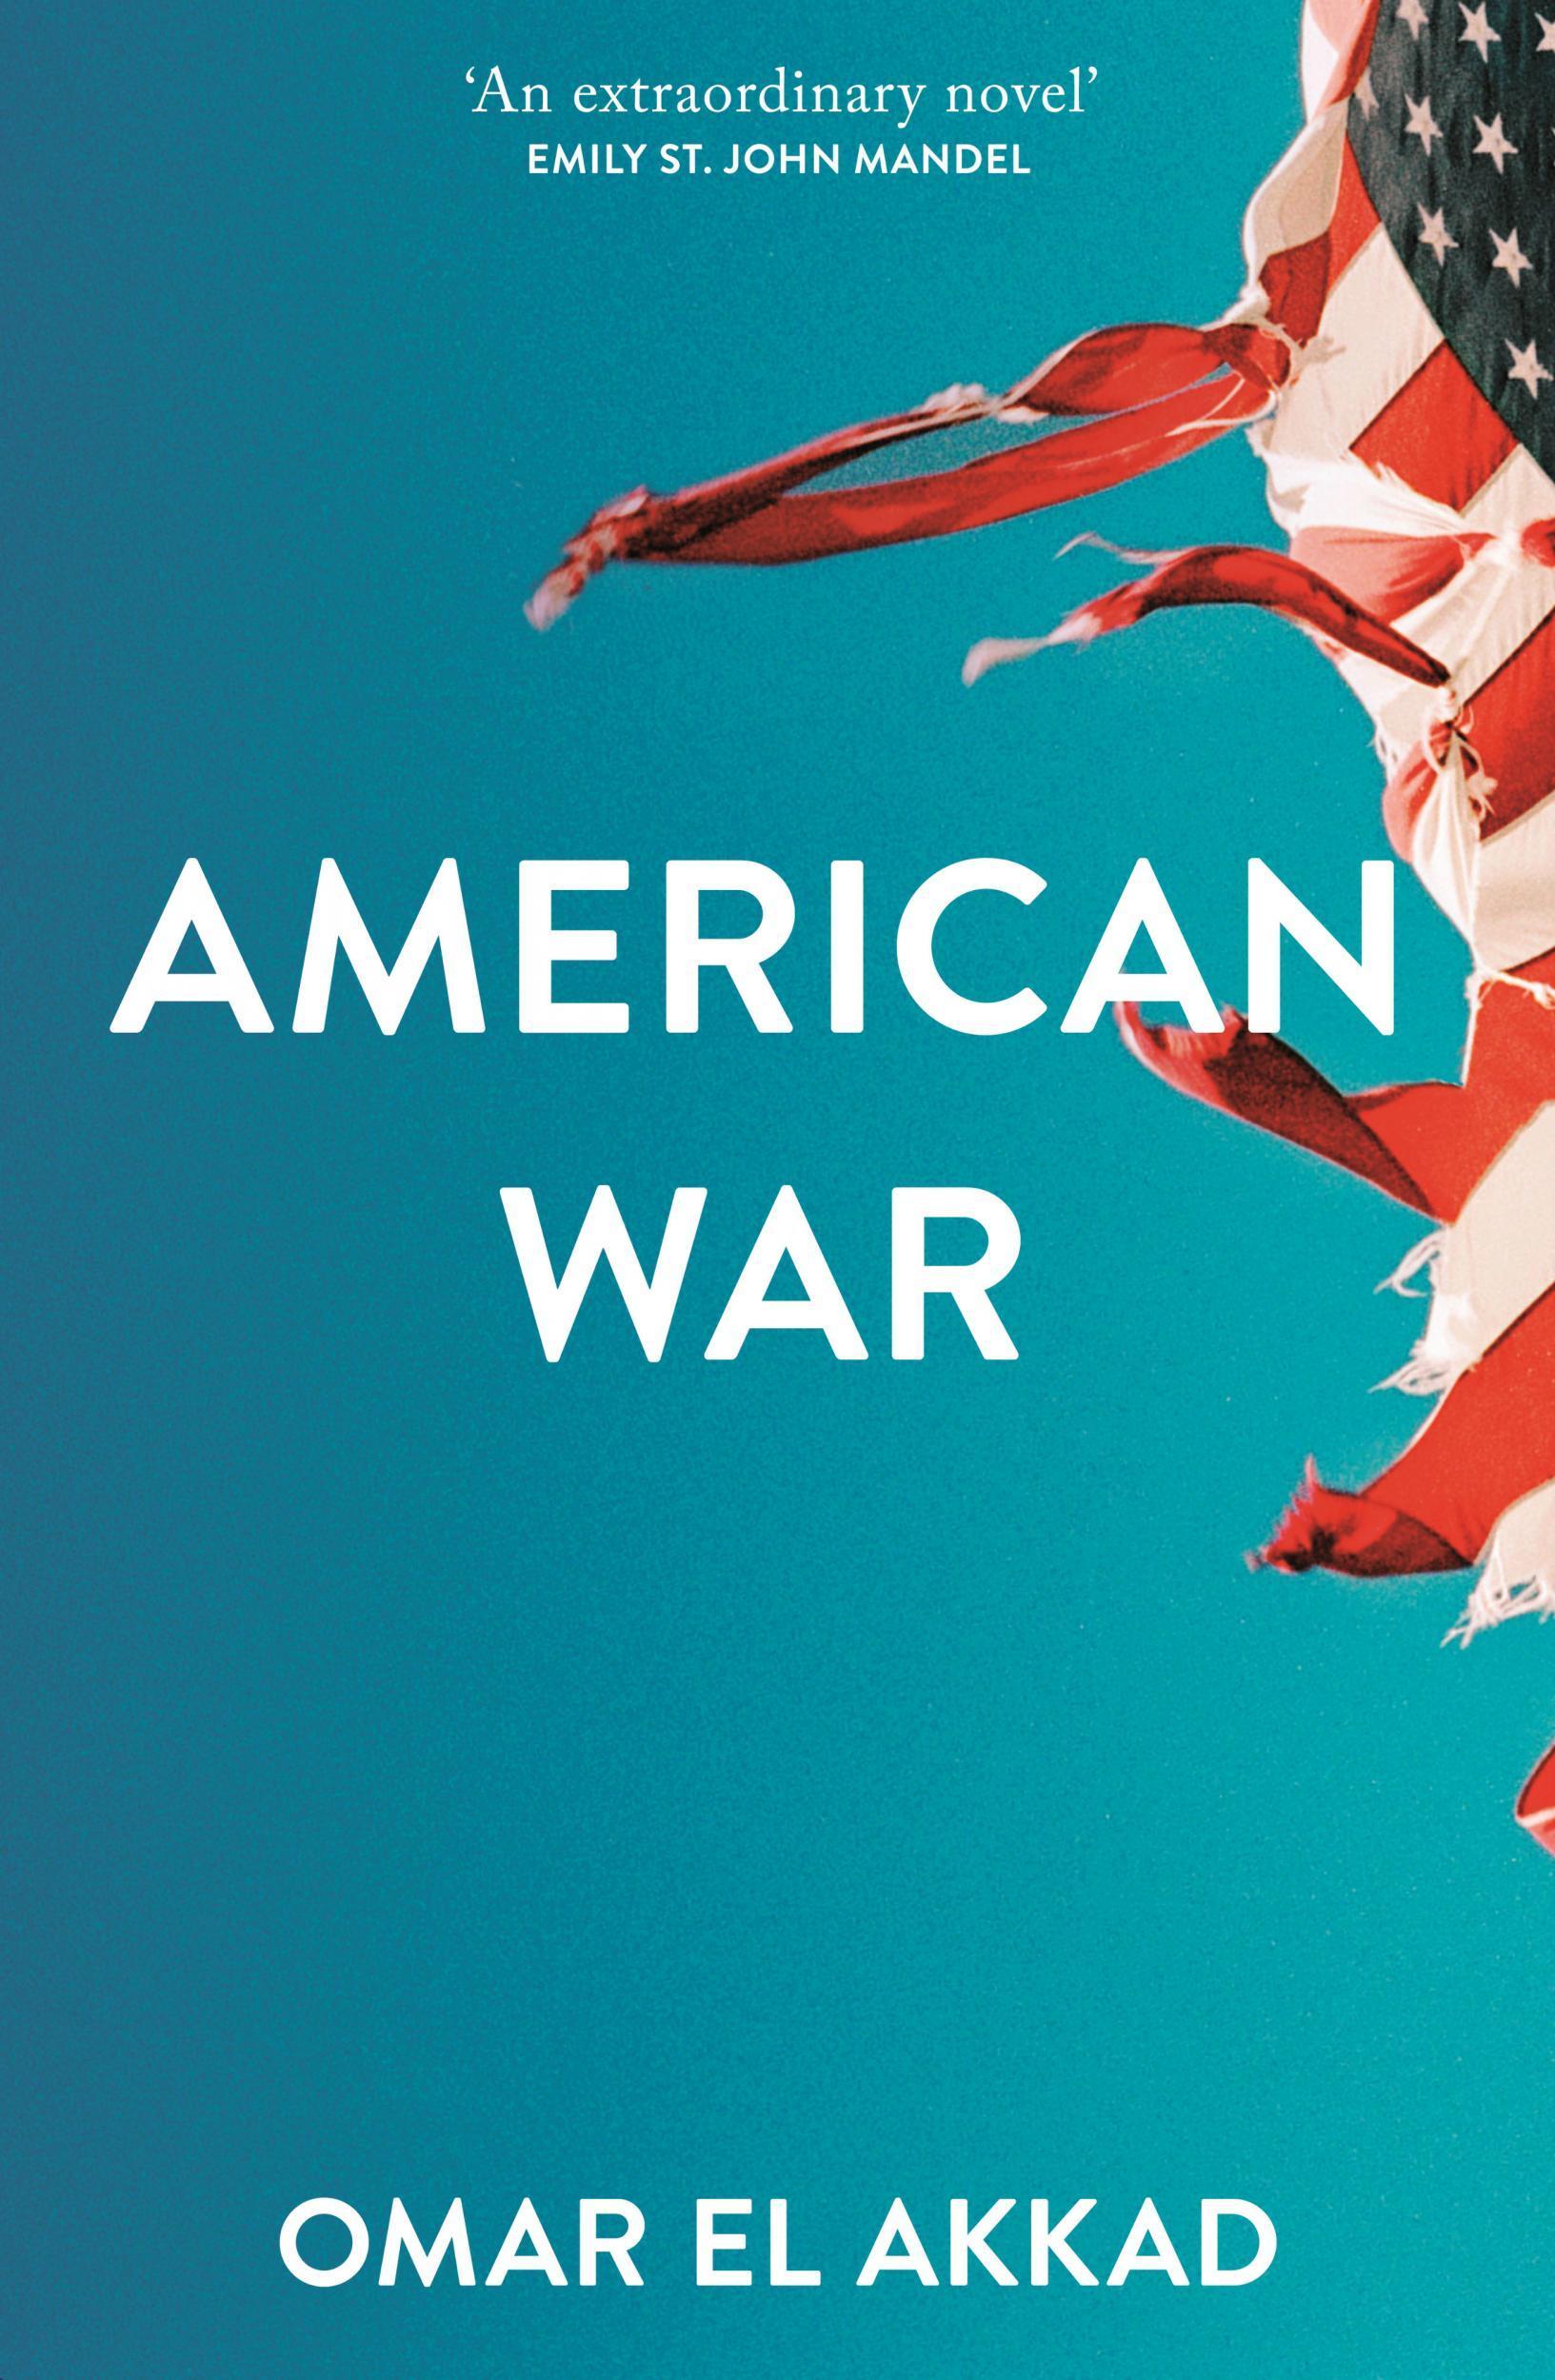 american-war-1.jpg